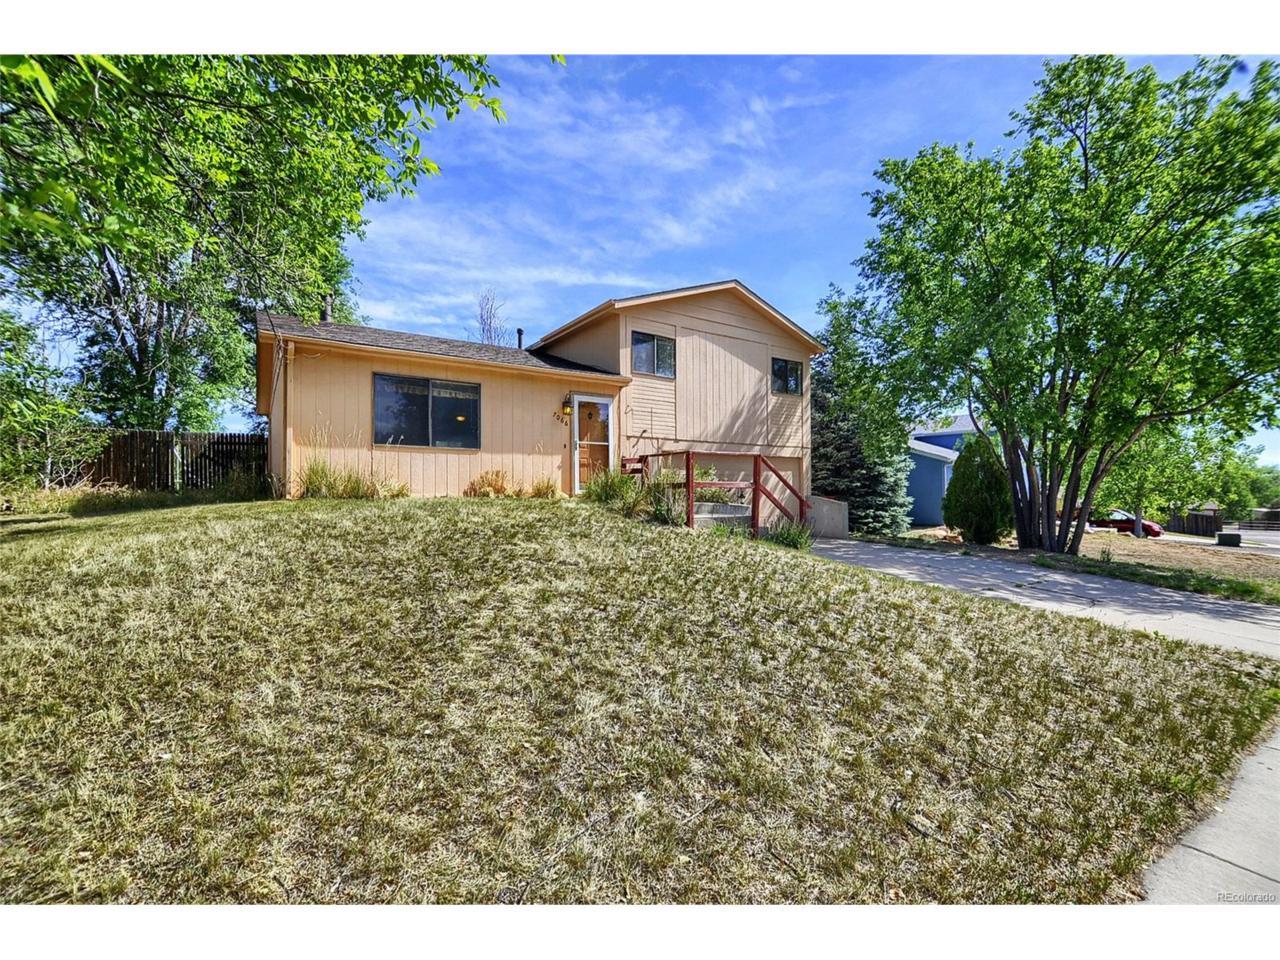 7066 Sequoyah Way, Colorado Springs, CO 80915 (MLS #4832421) :: 8z Real Estate